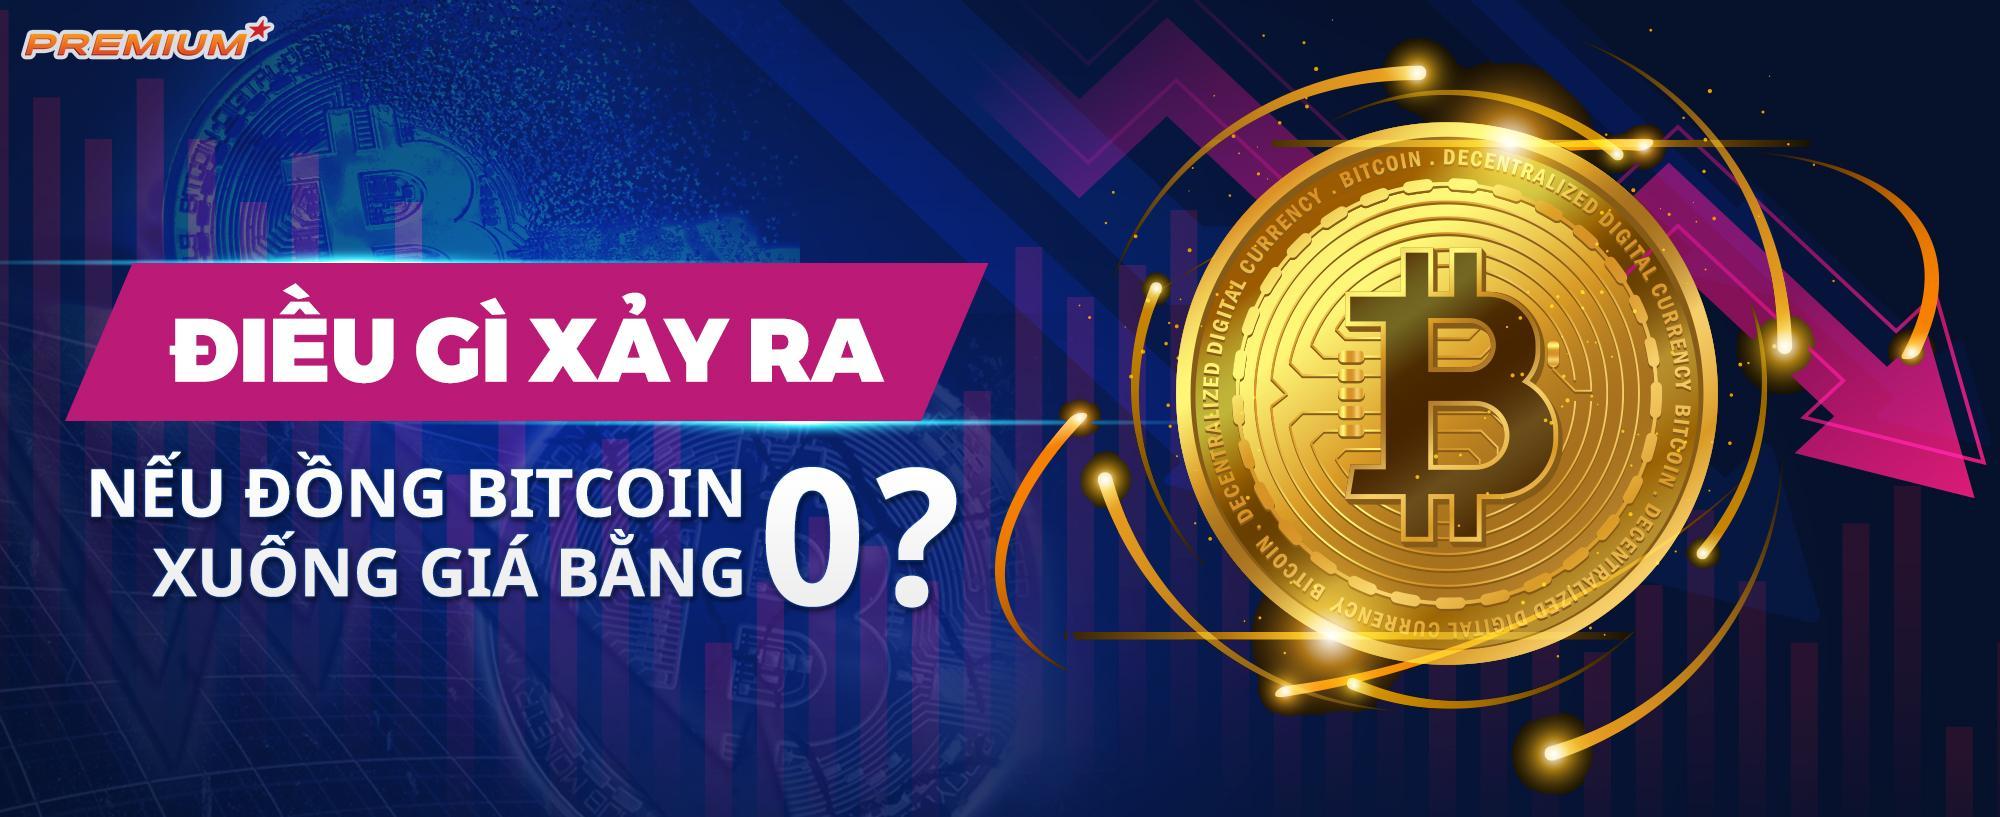 Điều gì xảy ra nếu đồng Bitcoin xuống giá bằng 0?